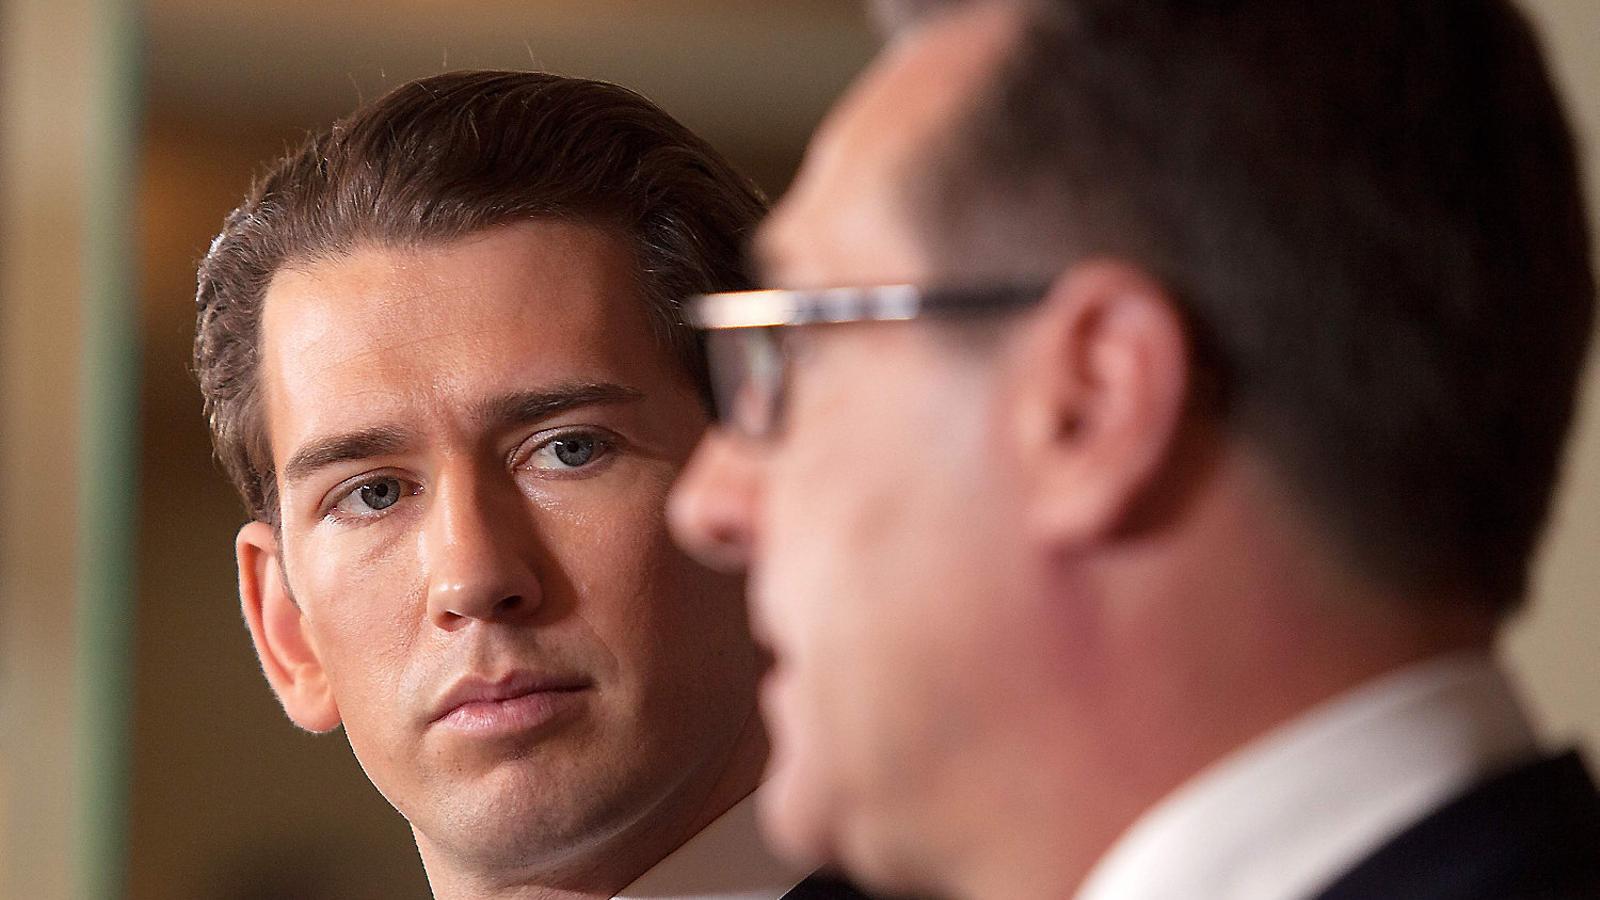 Sebastian Kurz, del Partit Popular d'Àustria, és el nou canceller d'Àustria i el cap de govern més jove del món. / ALEX HALADA / AFP